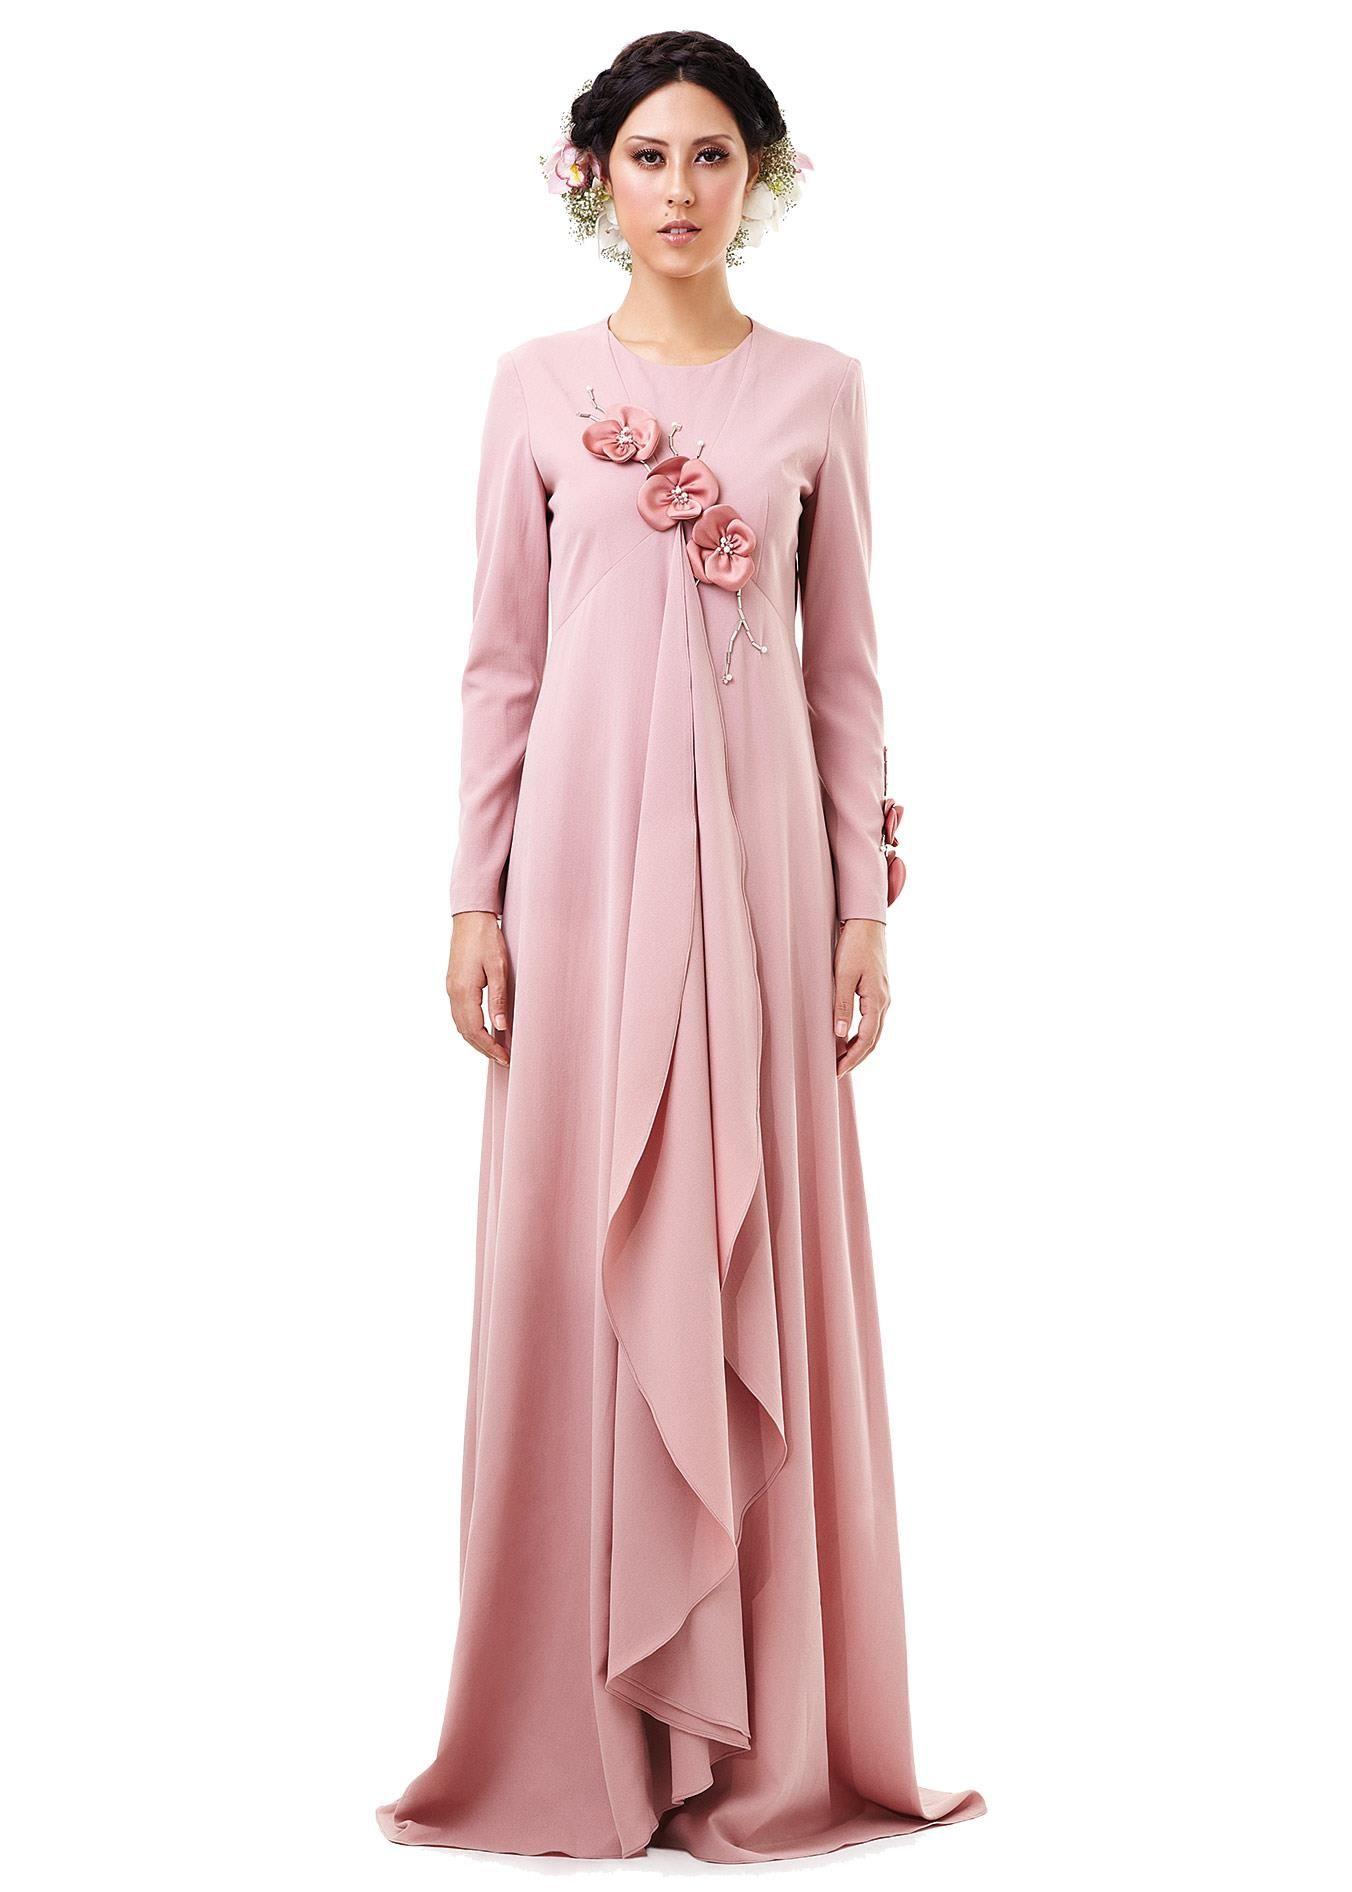 Pin de ida adam en Pregnant muslimah dresses | Pinterest | Volantes ...